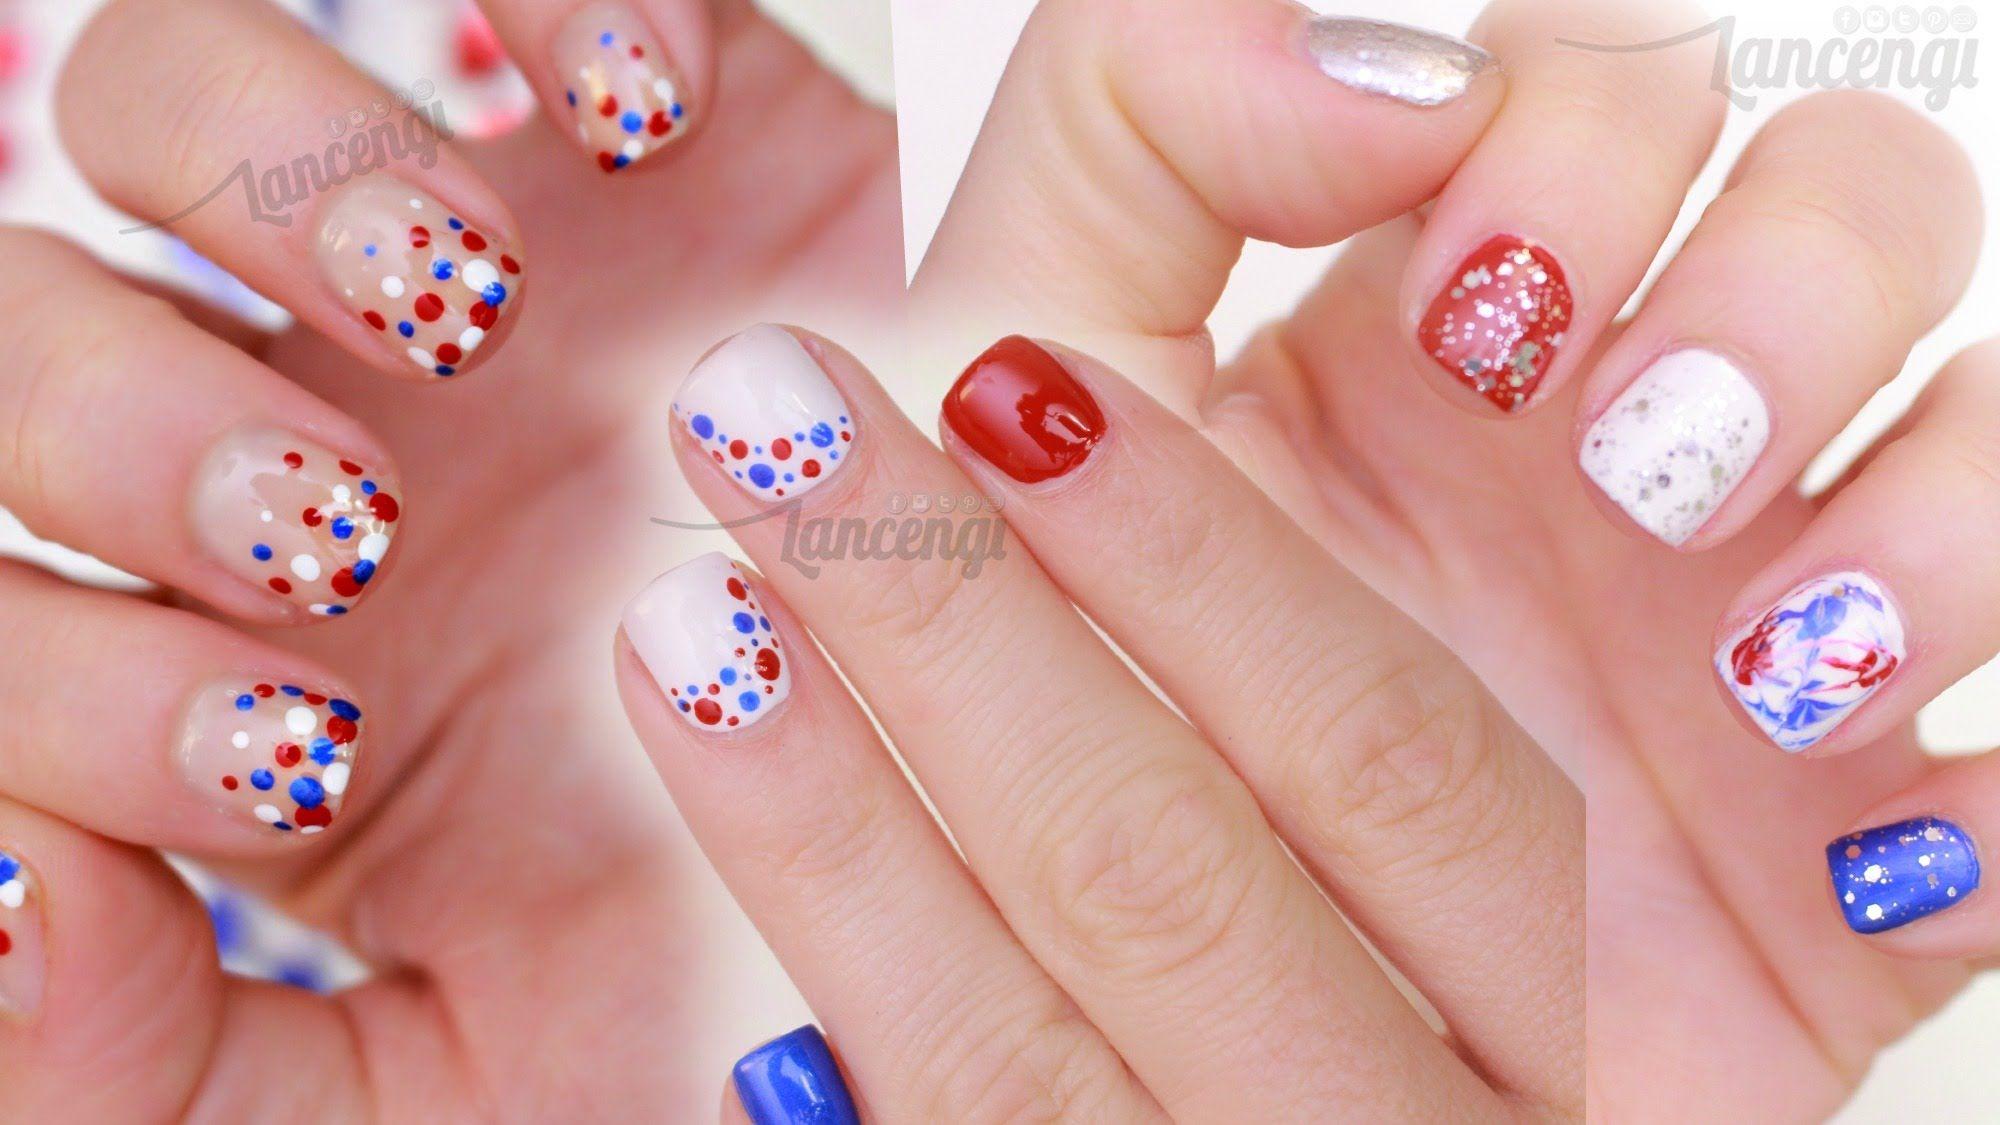 Diy fourth of july nails three cute u easy designs